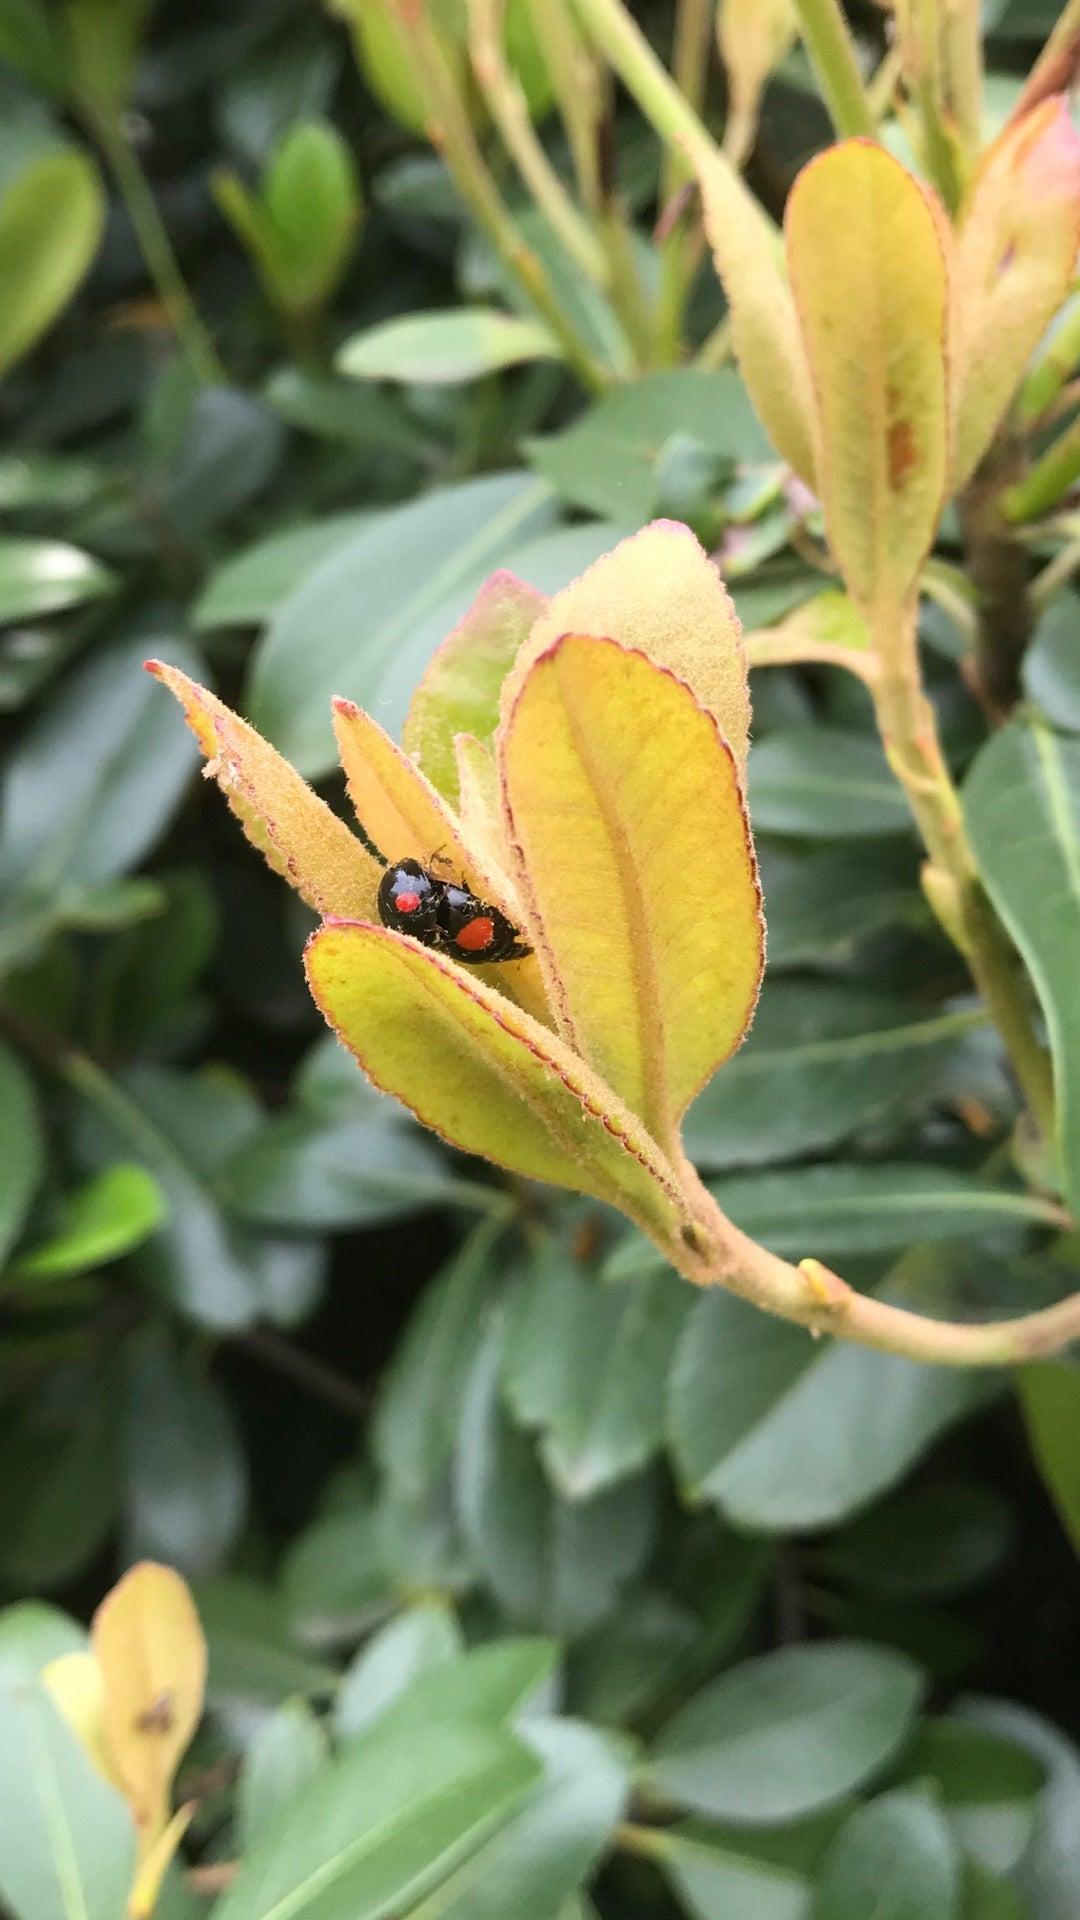 てんとう 虫 寿命 てんとう虫の寿命は? - 科学 -